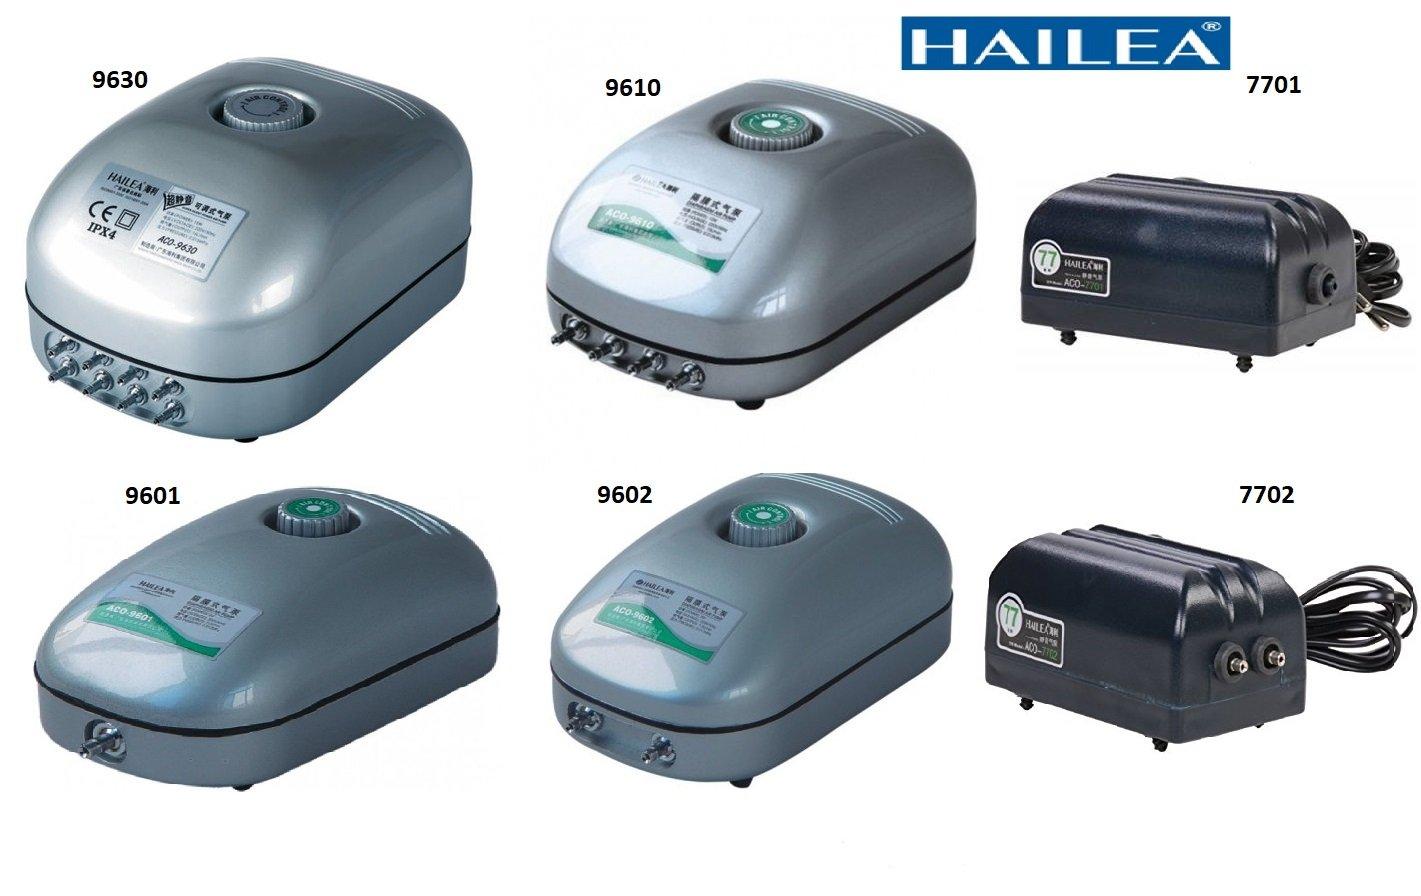 Aqua Forte Hailea Luftpumpe Aco 9610 10Watt, 10l/m, max. Druck 1,5m AquaForte SC149